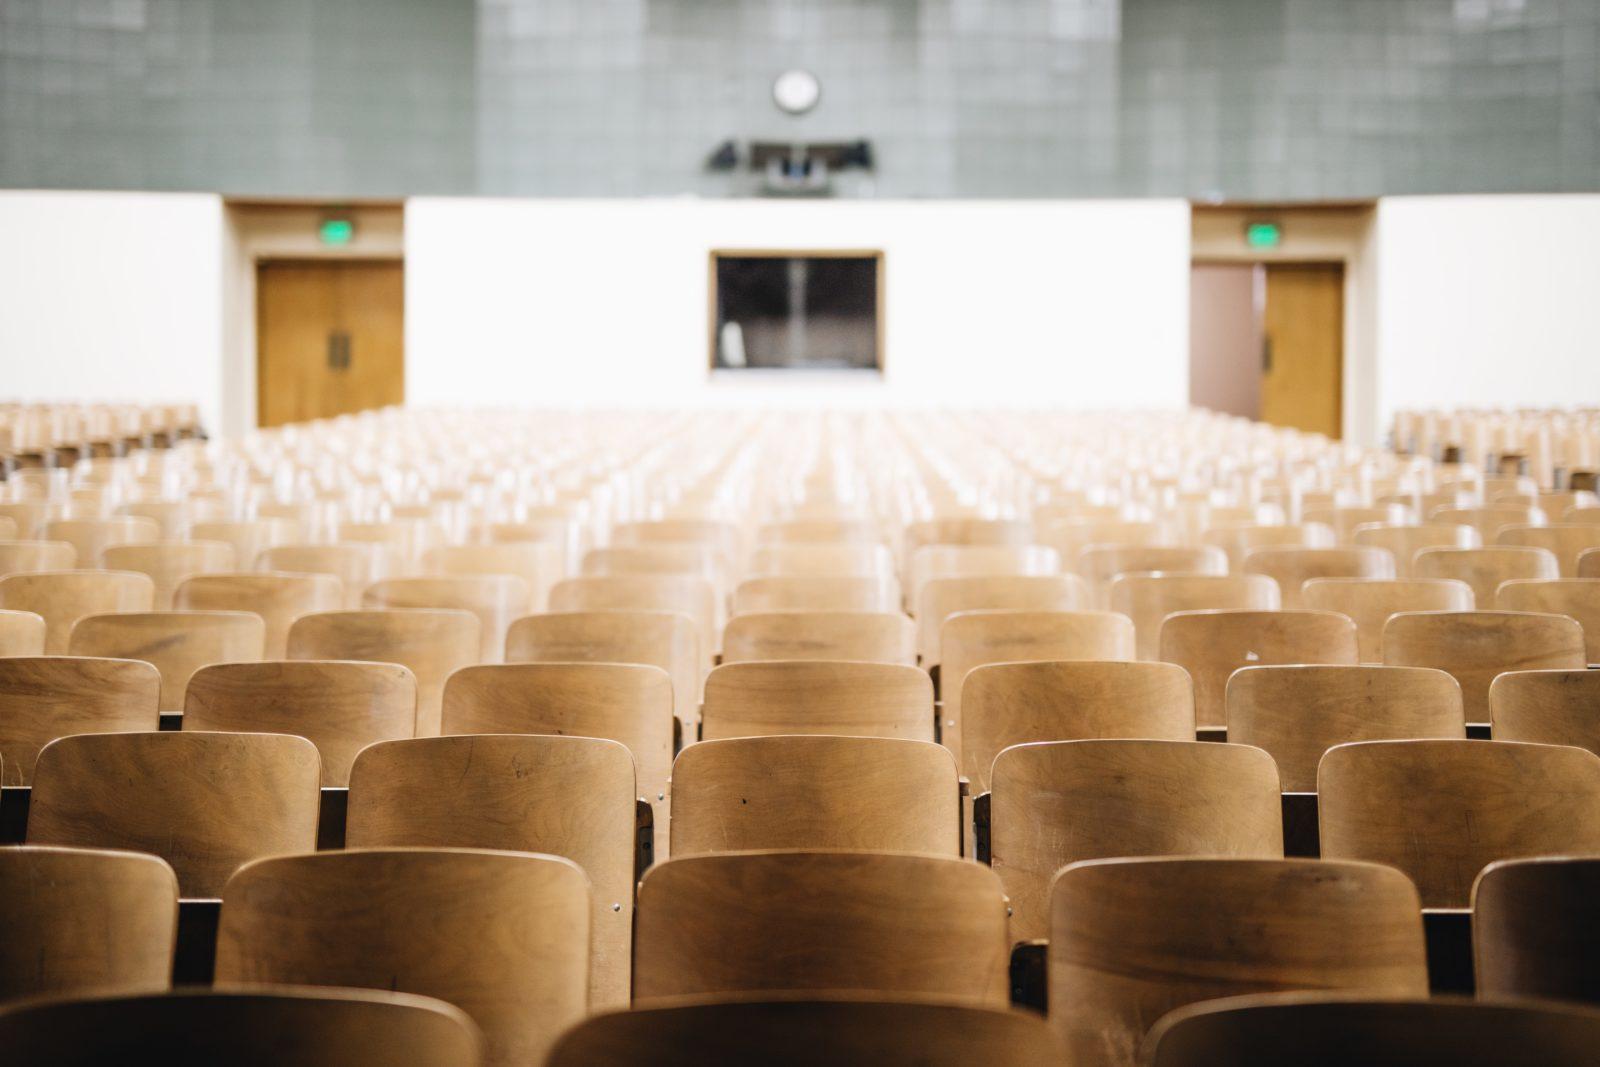 Leere Stühle in einem Hörsaal.